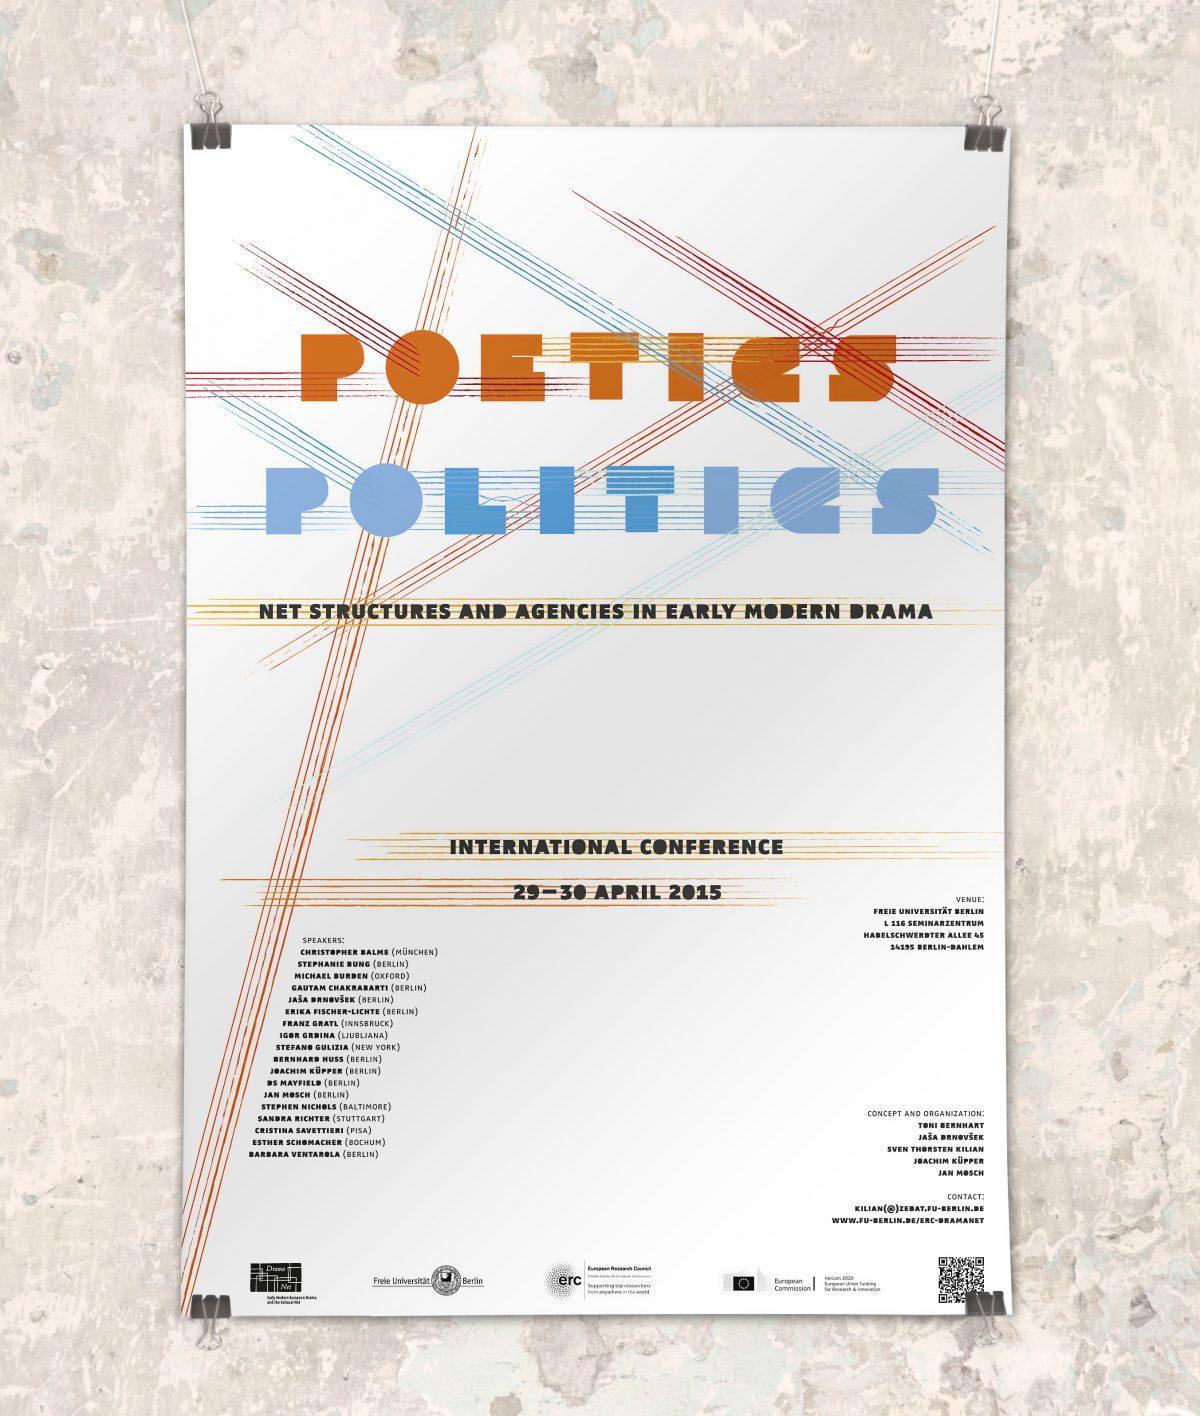 """Ansicht des Posters der internationalen Konferenz """"Poetics Politics"""" von DramaNet, 2015, Freie Universität Berlin"""